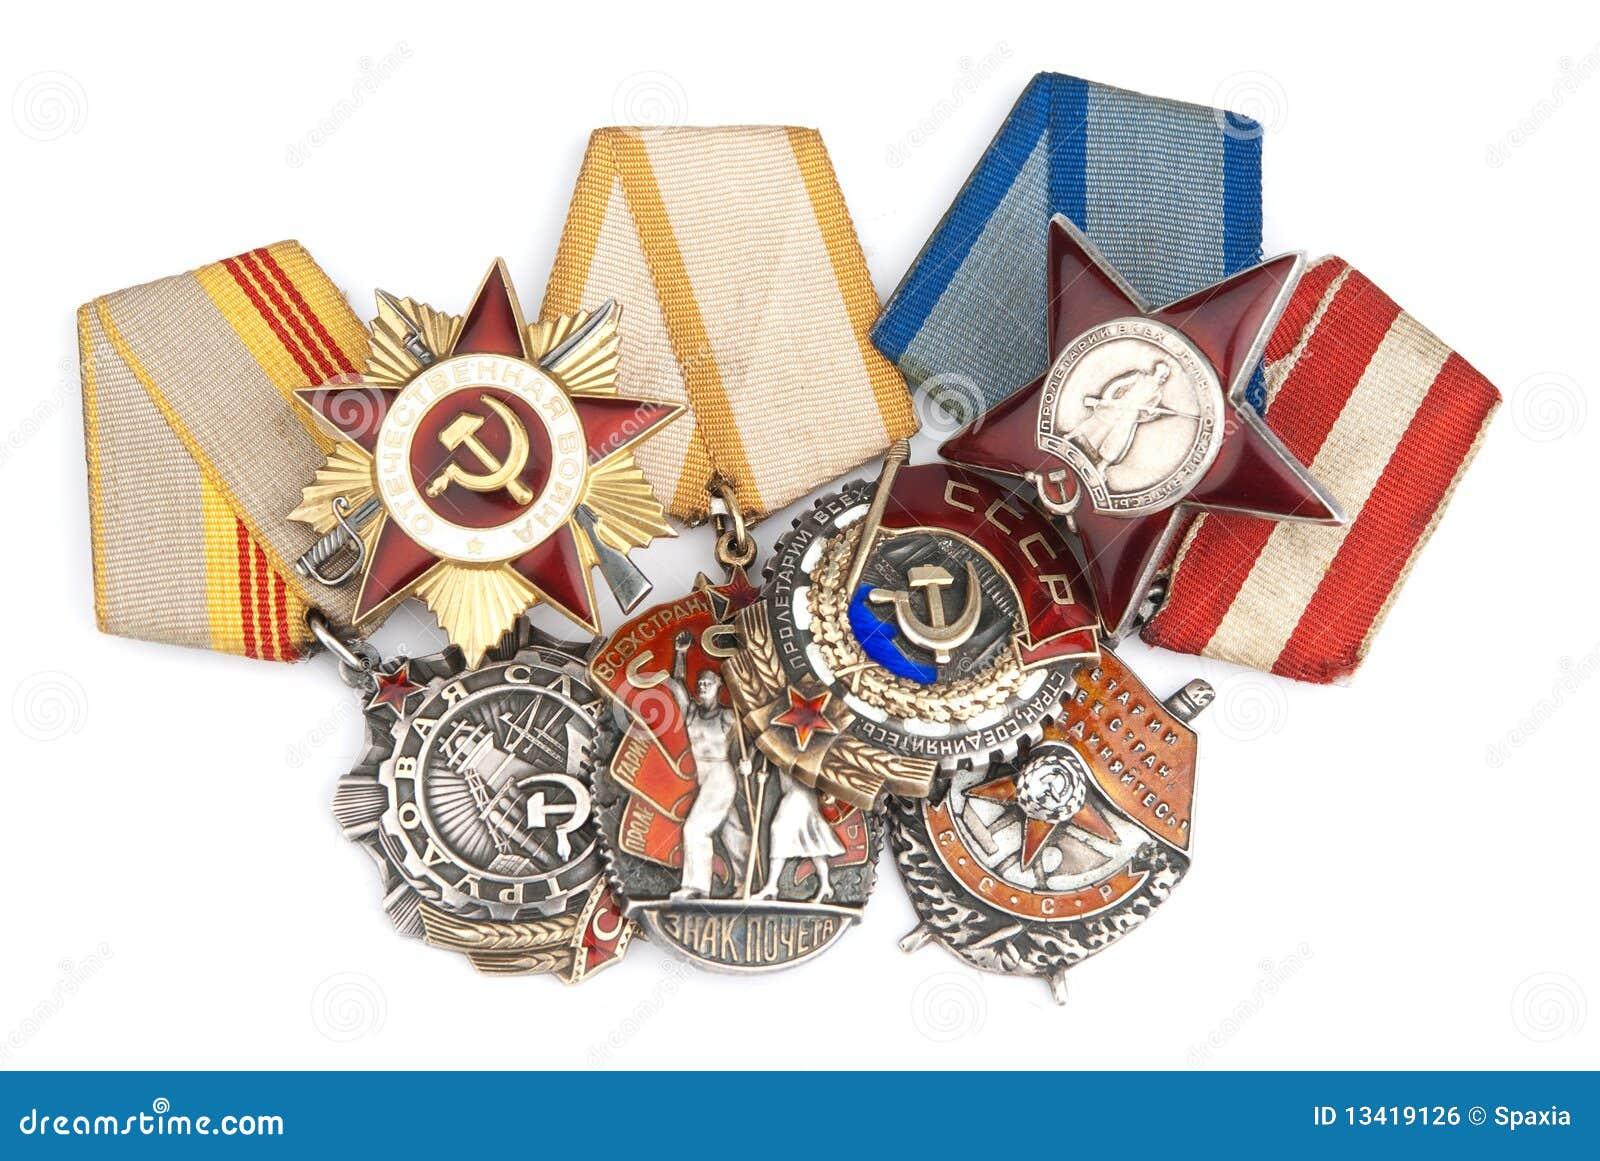 Medallas Militares Rusas De La Segunda Guerra Mundial Imagen de ...